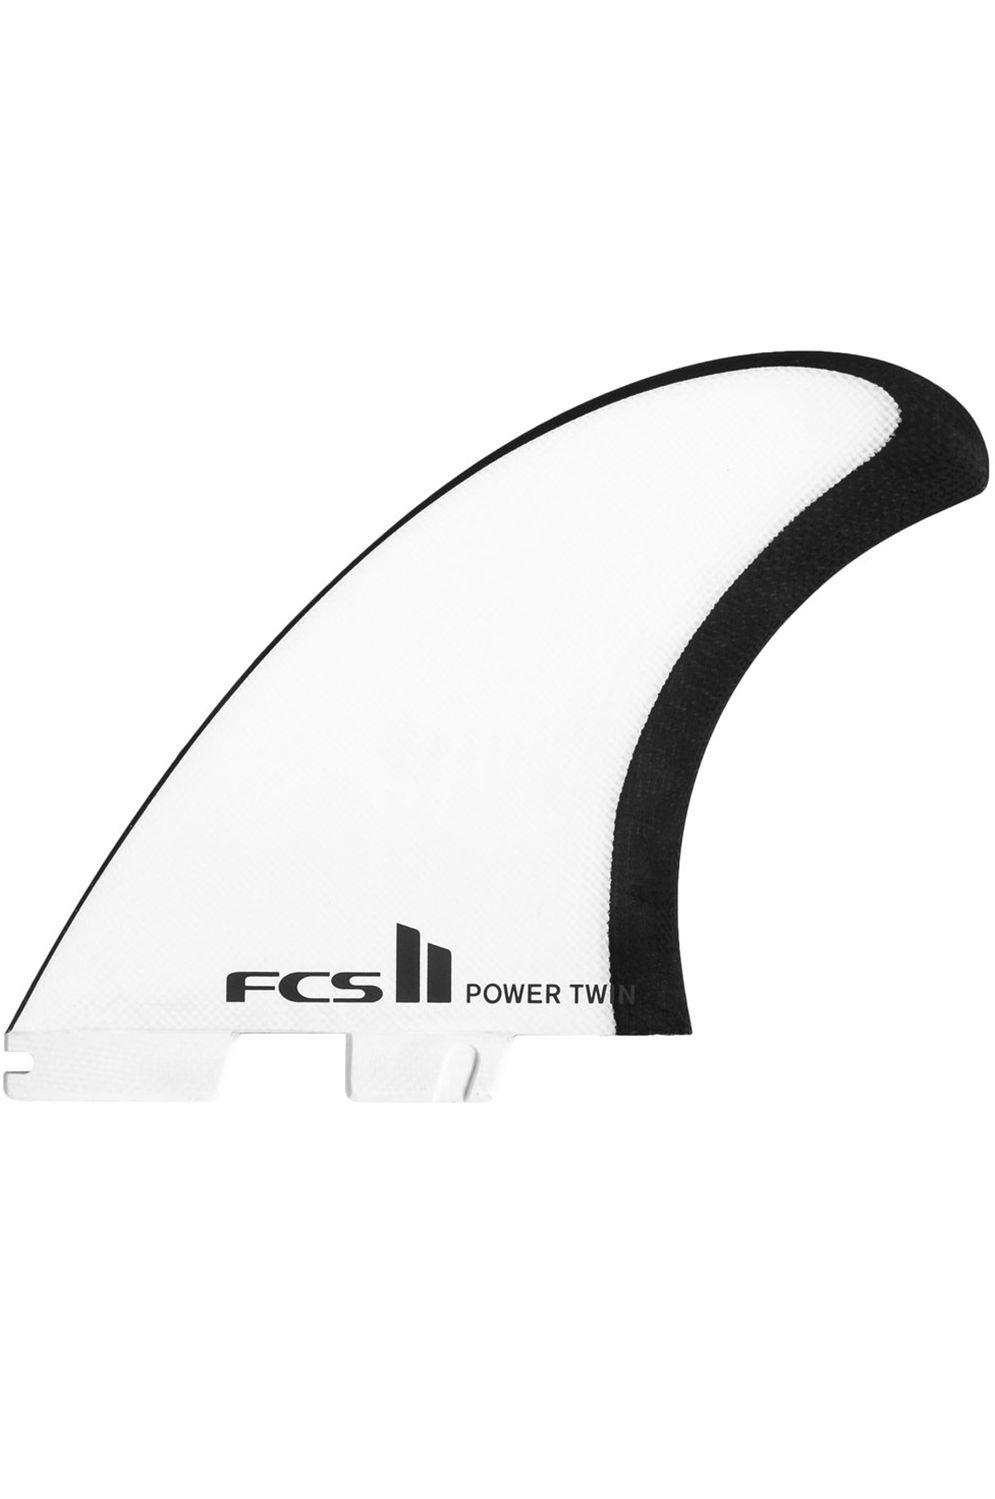 Fcs Fins II POWER TWIN JS PG Twin